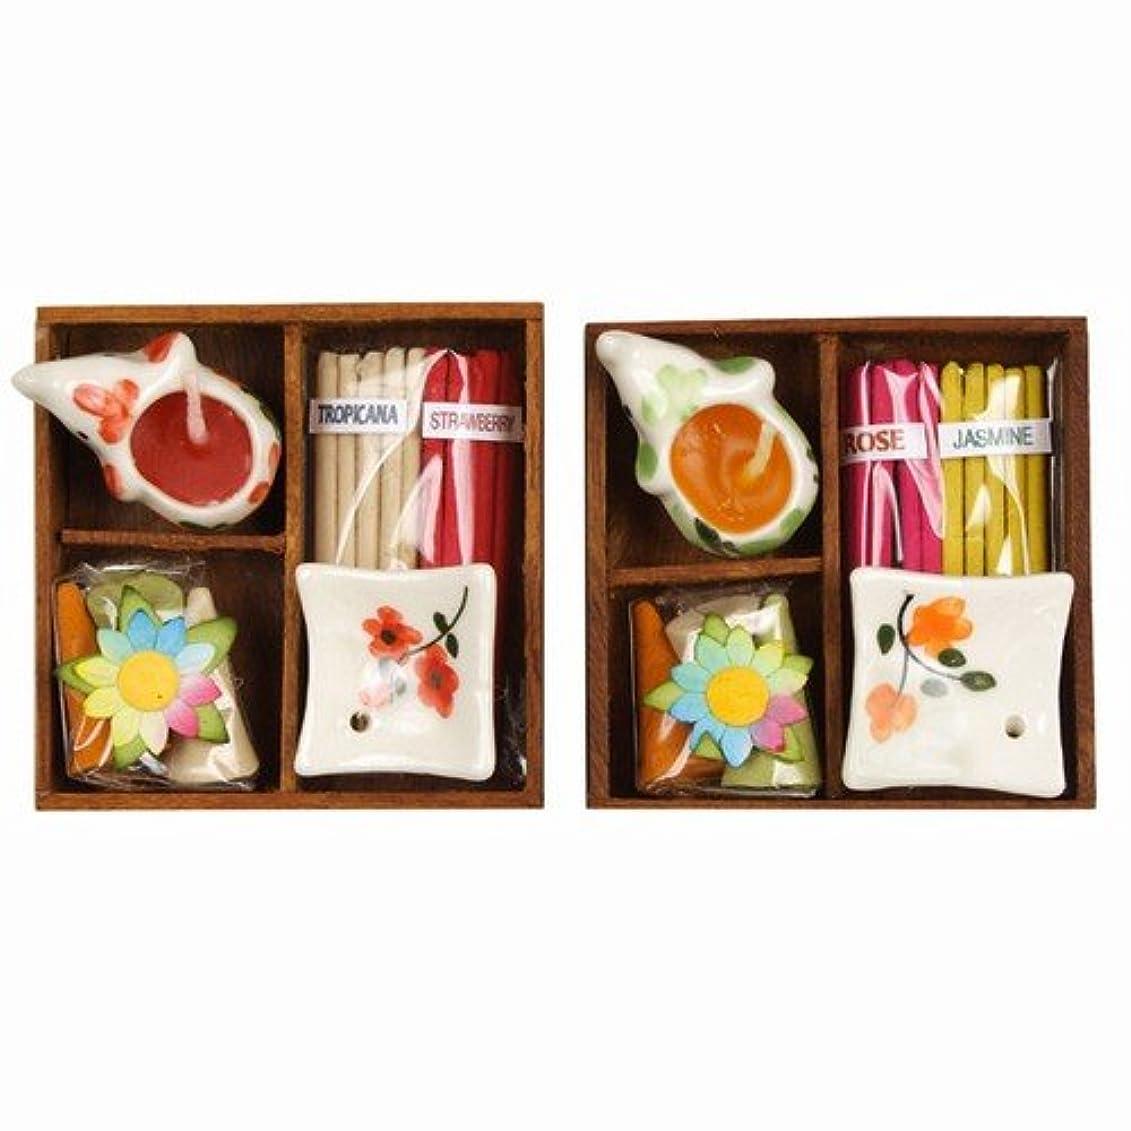 コットンバケット鉄2セットお香& Candle Assortedボックス